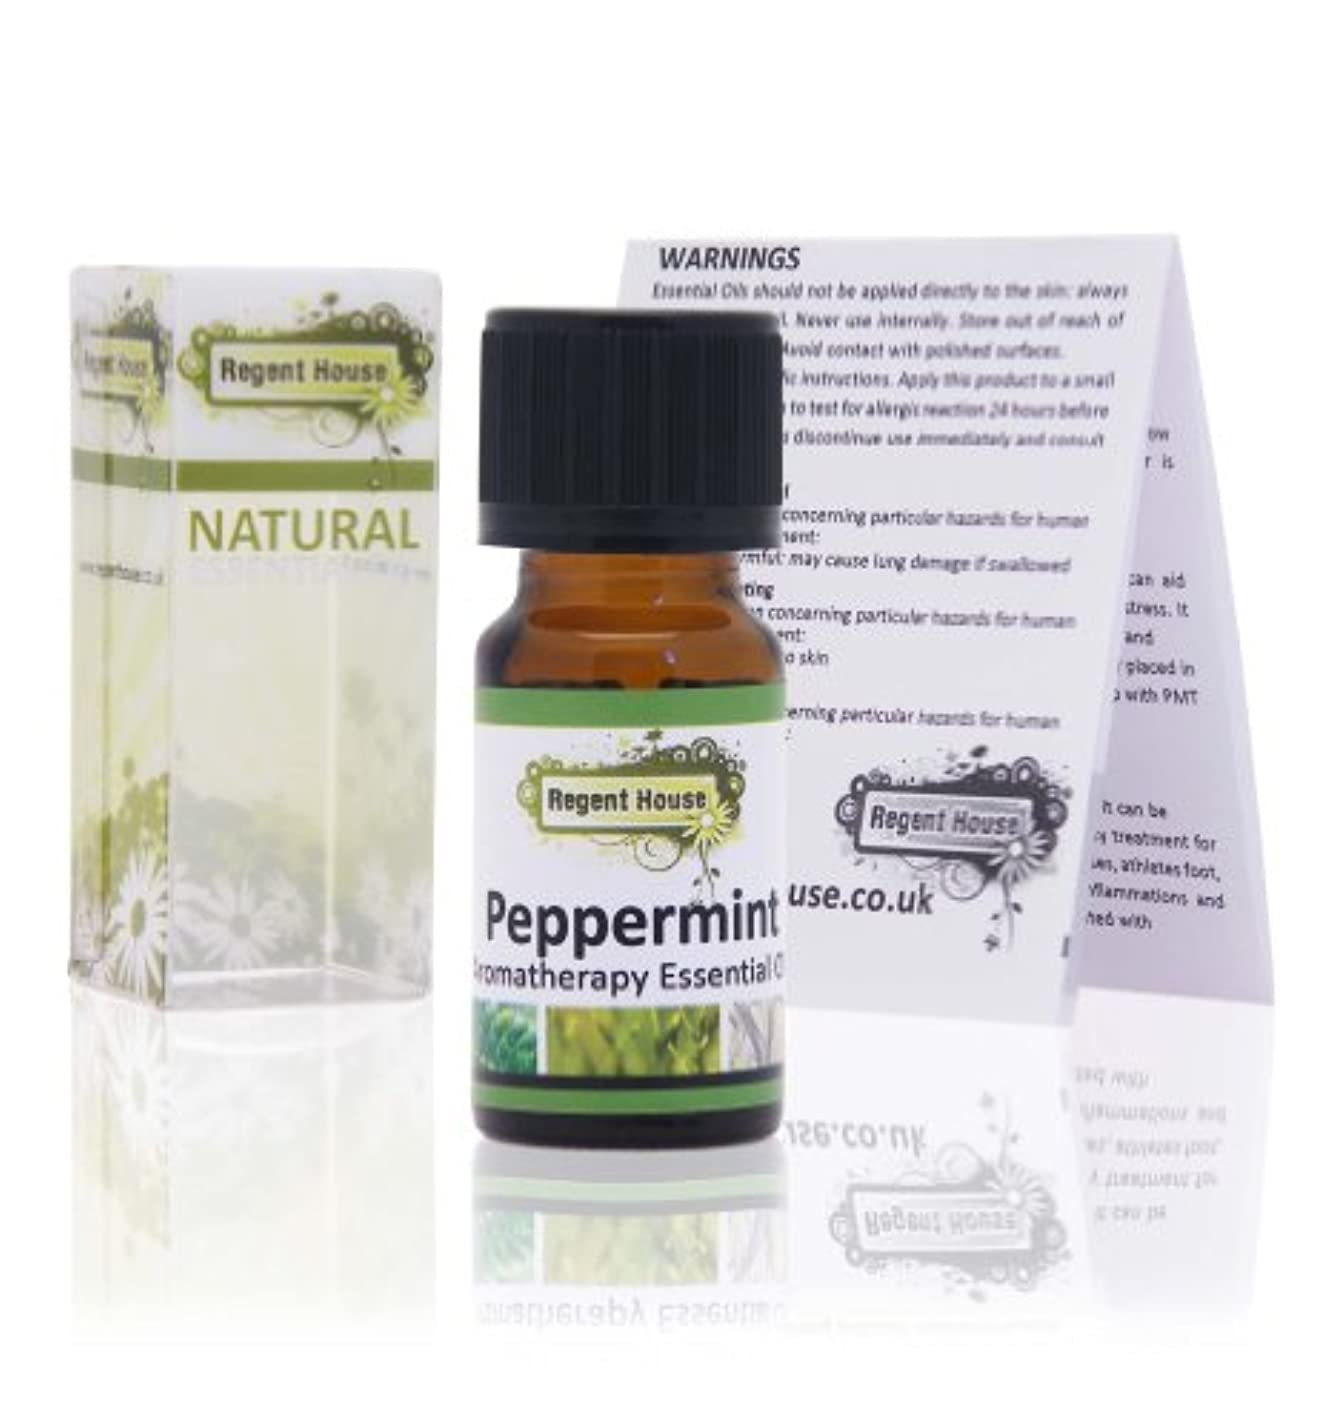 失望レンチより多いナチュラルエッセンシャルオイル ペパーミント(Peppermint)